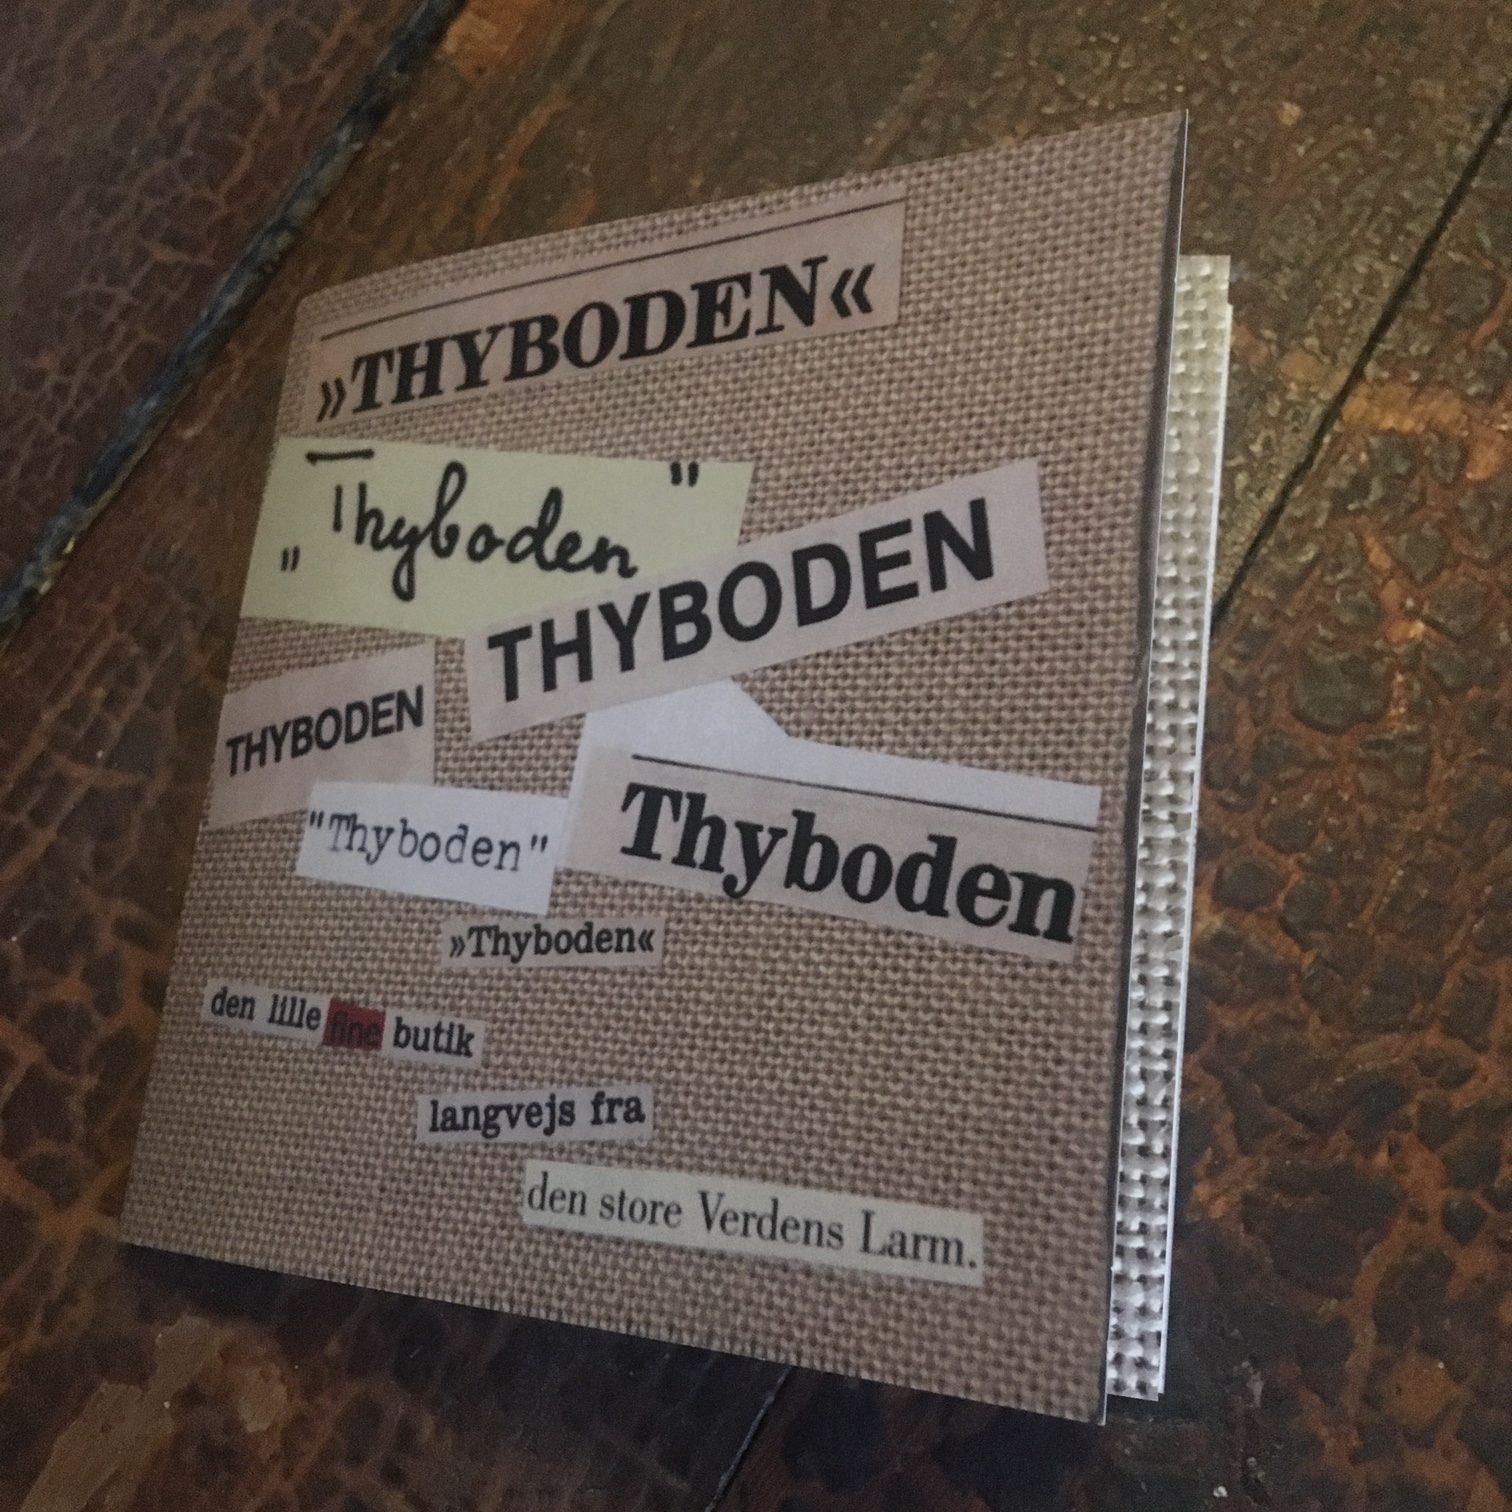 Tråd, saks, papir – Thyboden gendigtet